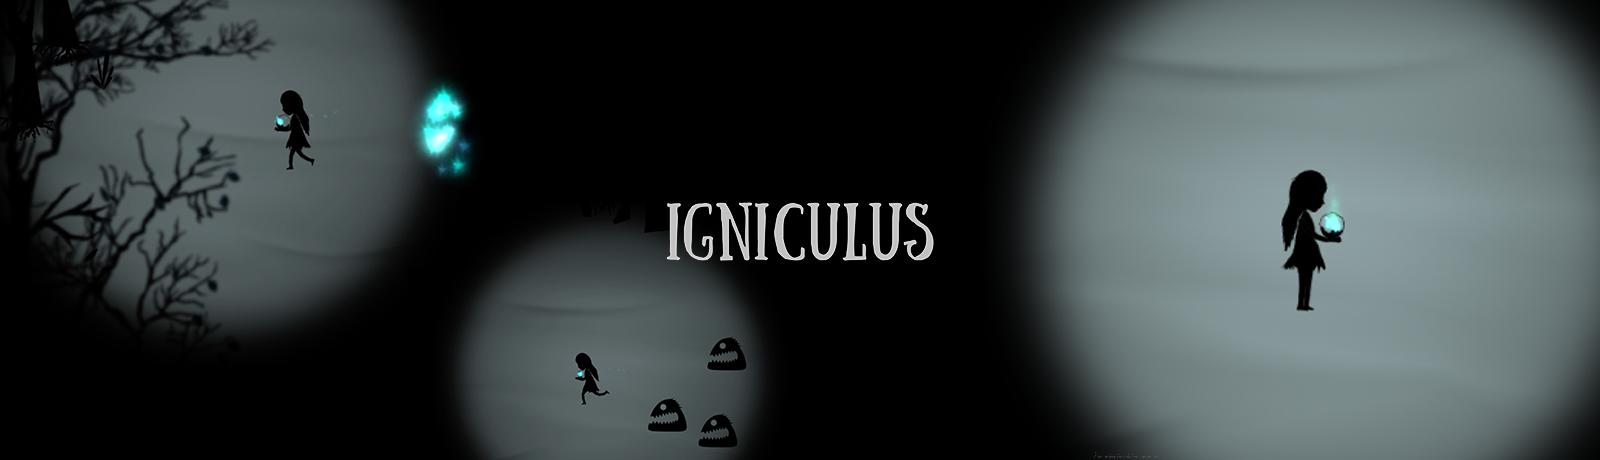 Igniculus